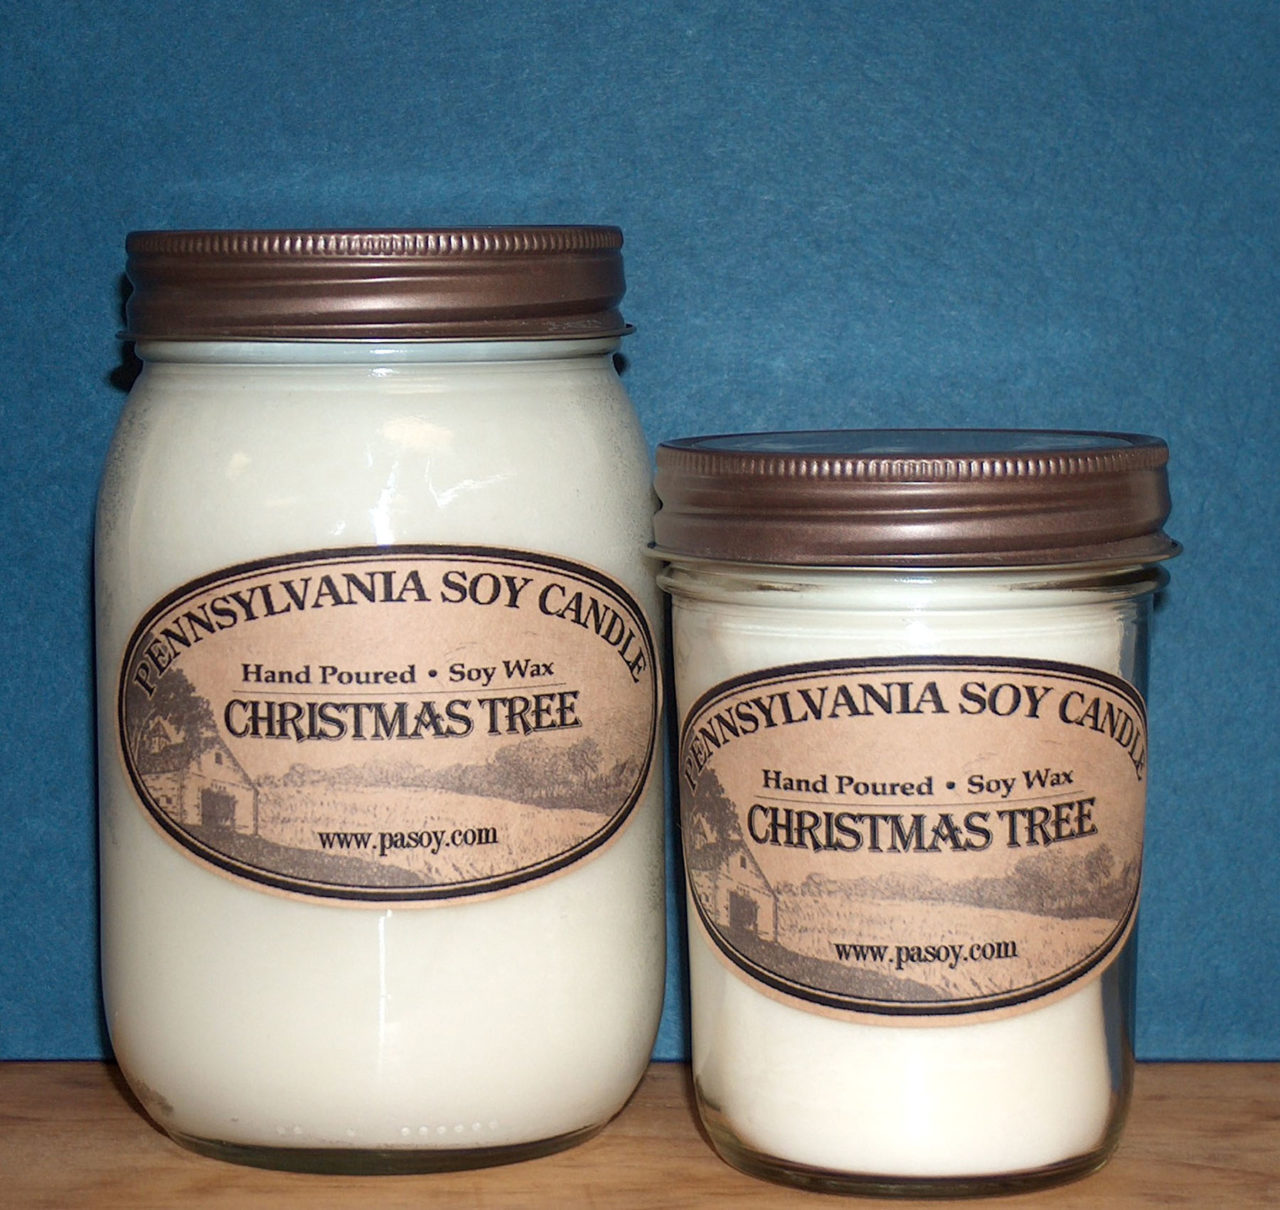 Pennsylvania-Soy-Candle-16oz-Mason-8oz-Jelly-Jar